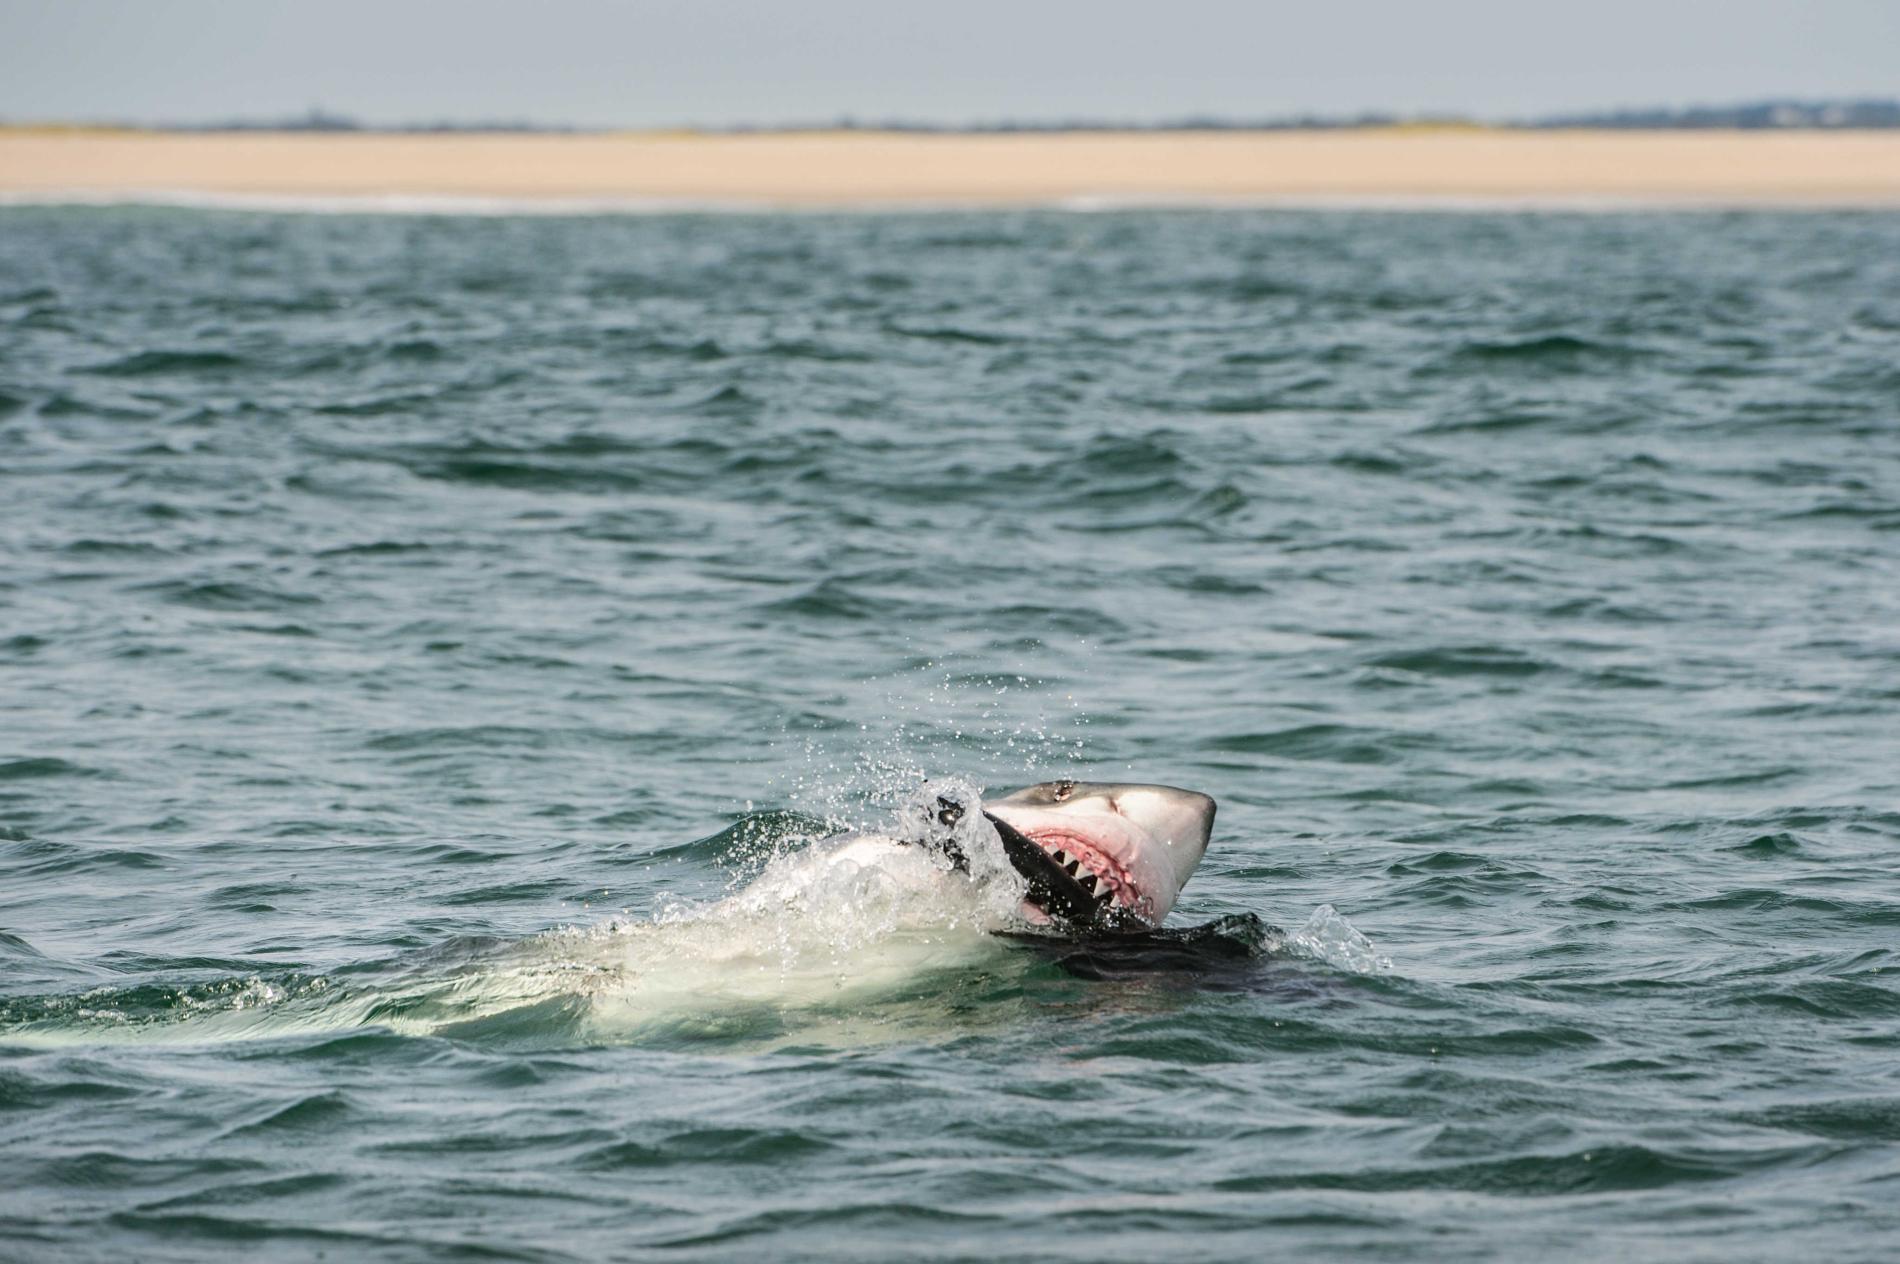 Con cá rất đẹp đột ngột mất tích và cuộc săn tìm đàn cá mập trắng lớn nhất thế giới - Ảnh 9.